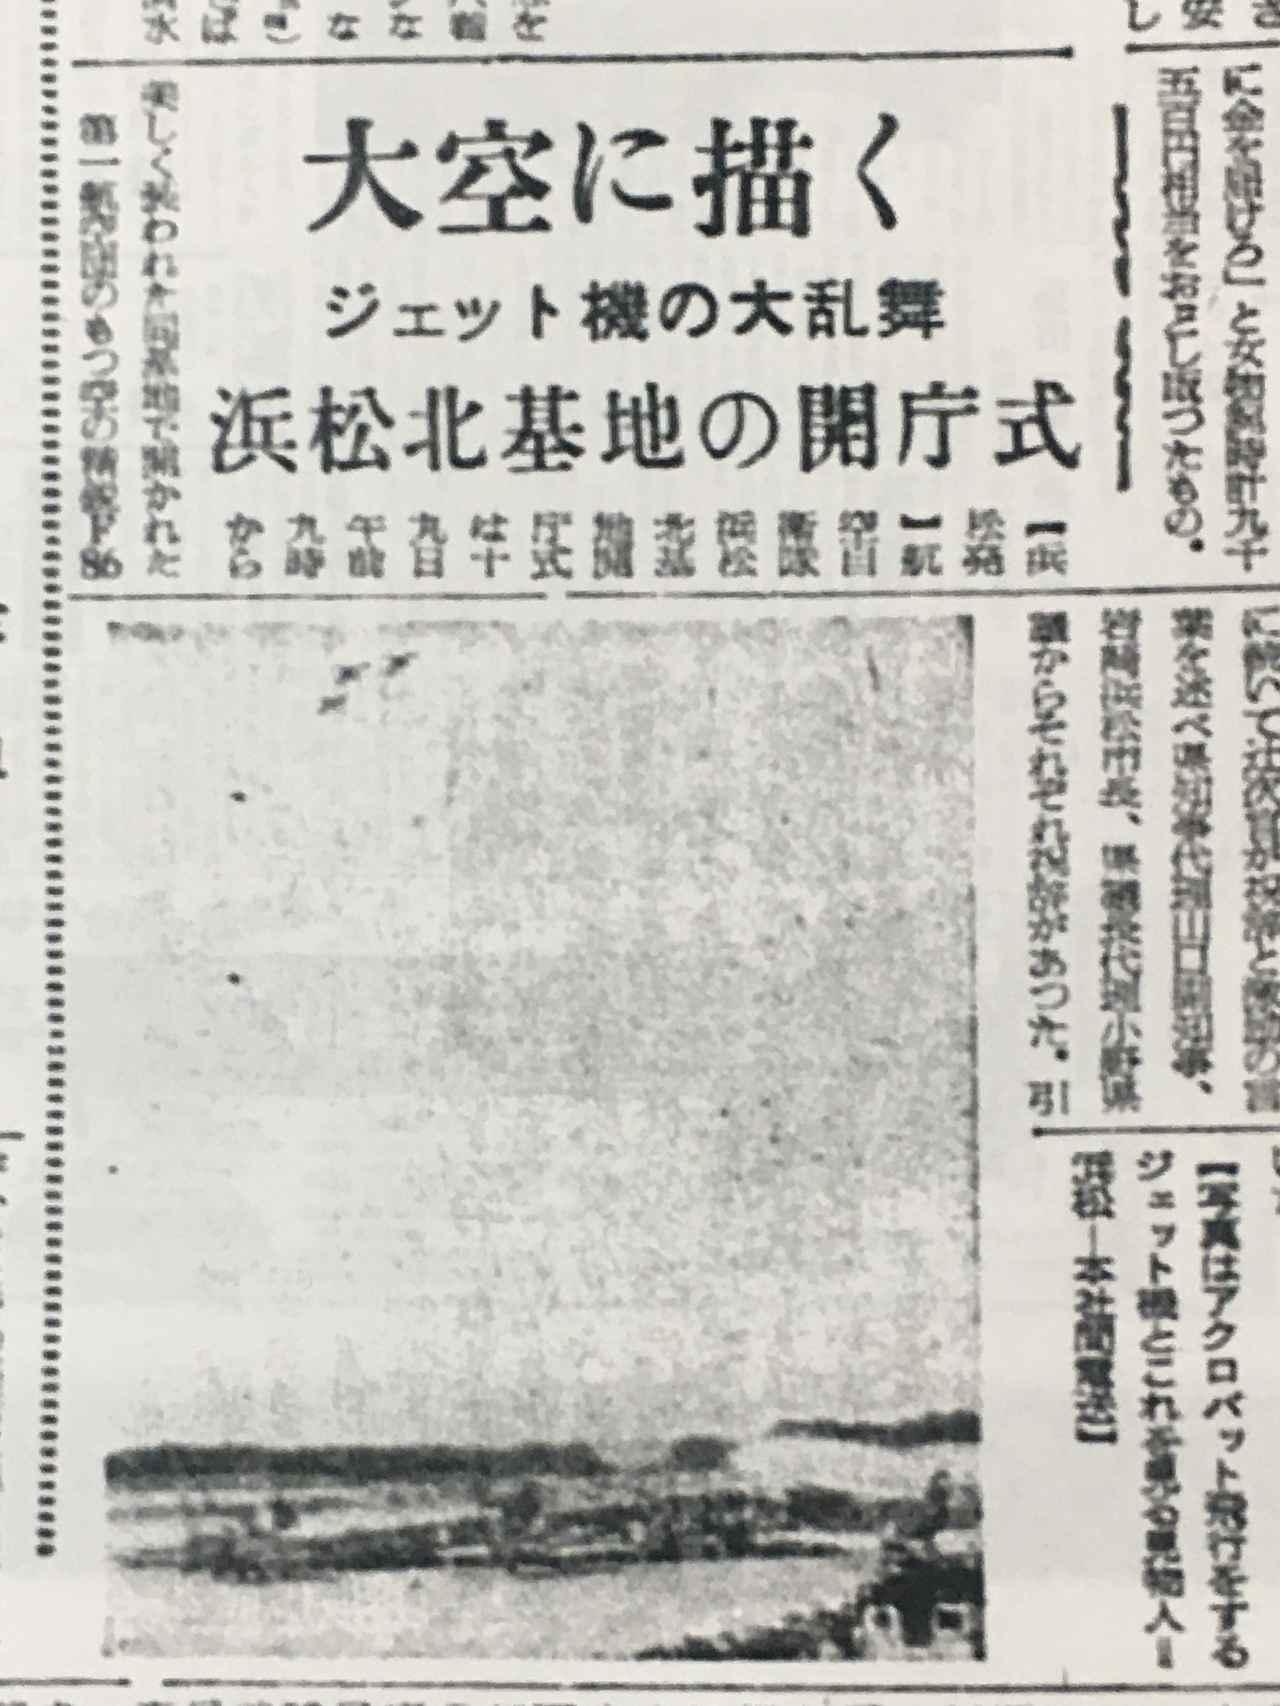 画像: チェッカー・ブルーの記念すべき初展示飛行(静岡新聞1959.10.19夕刊)